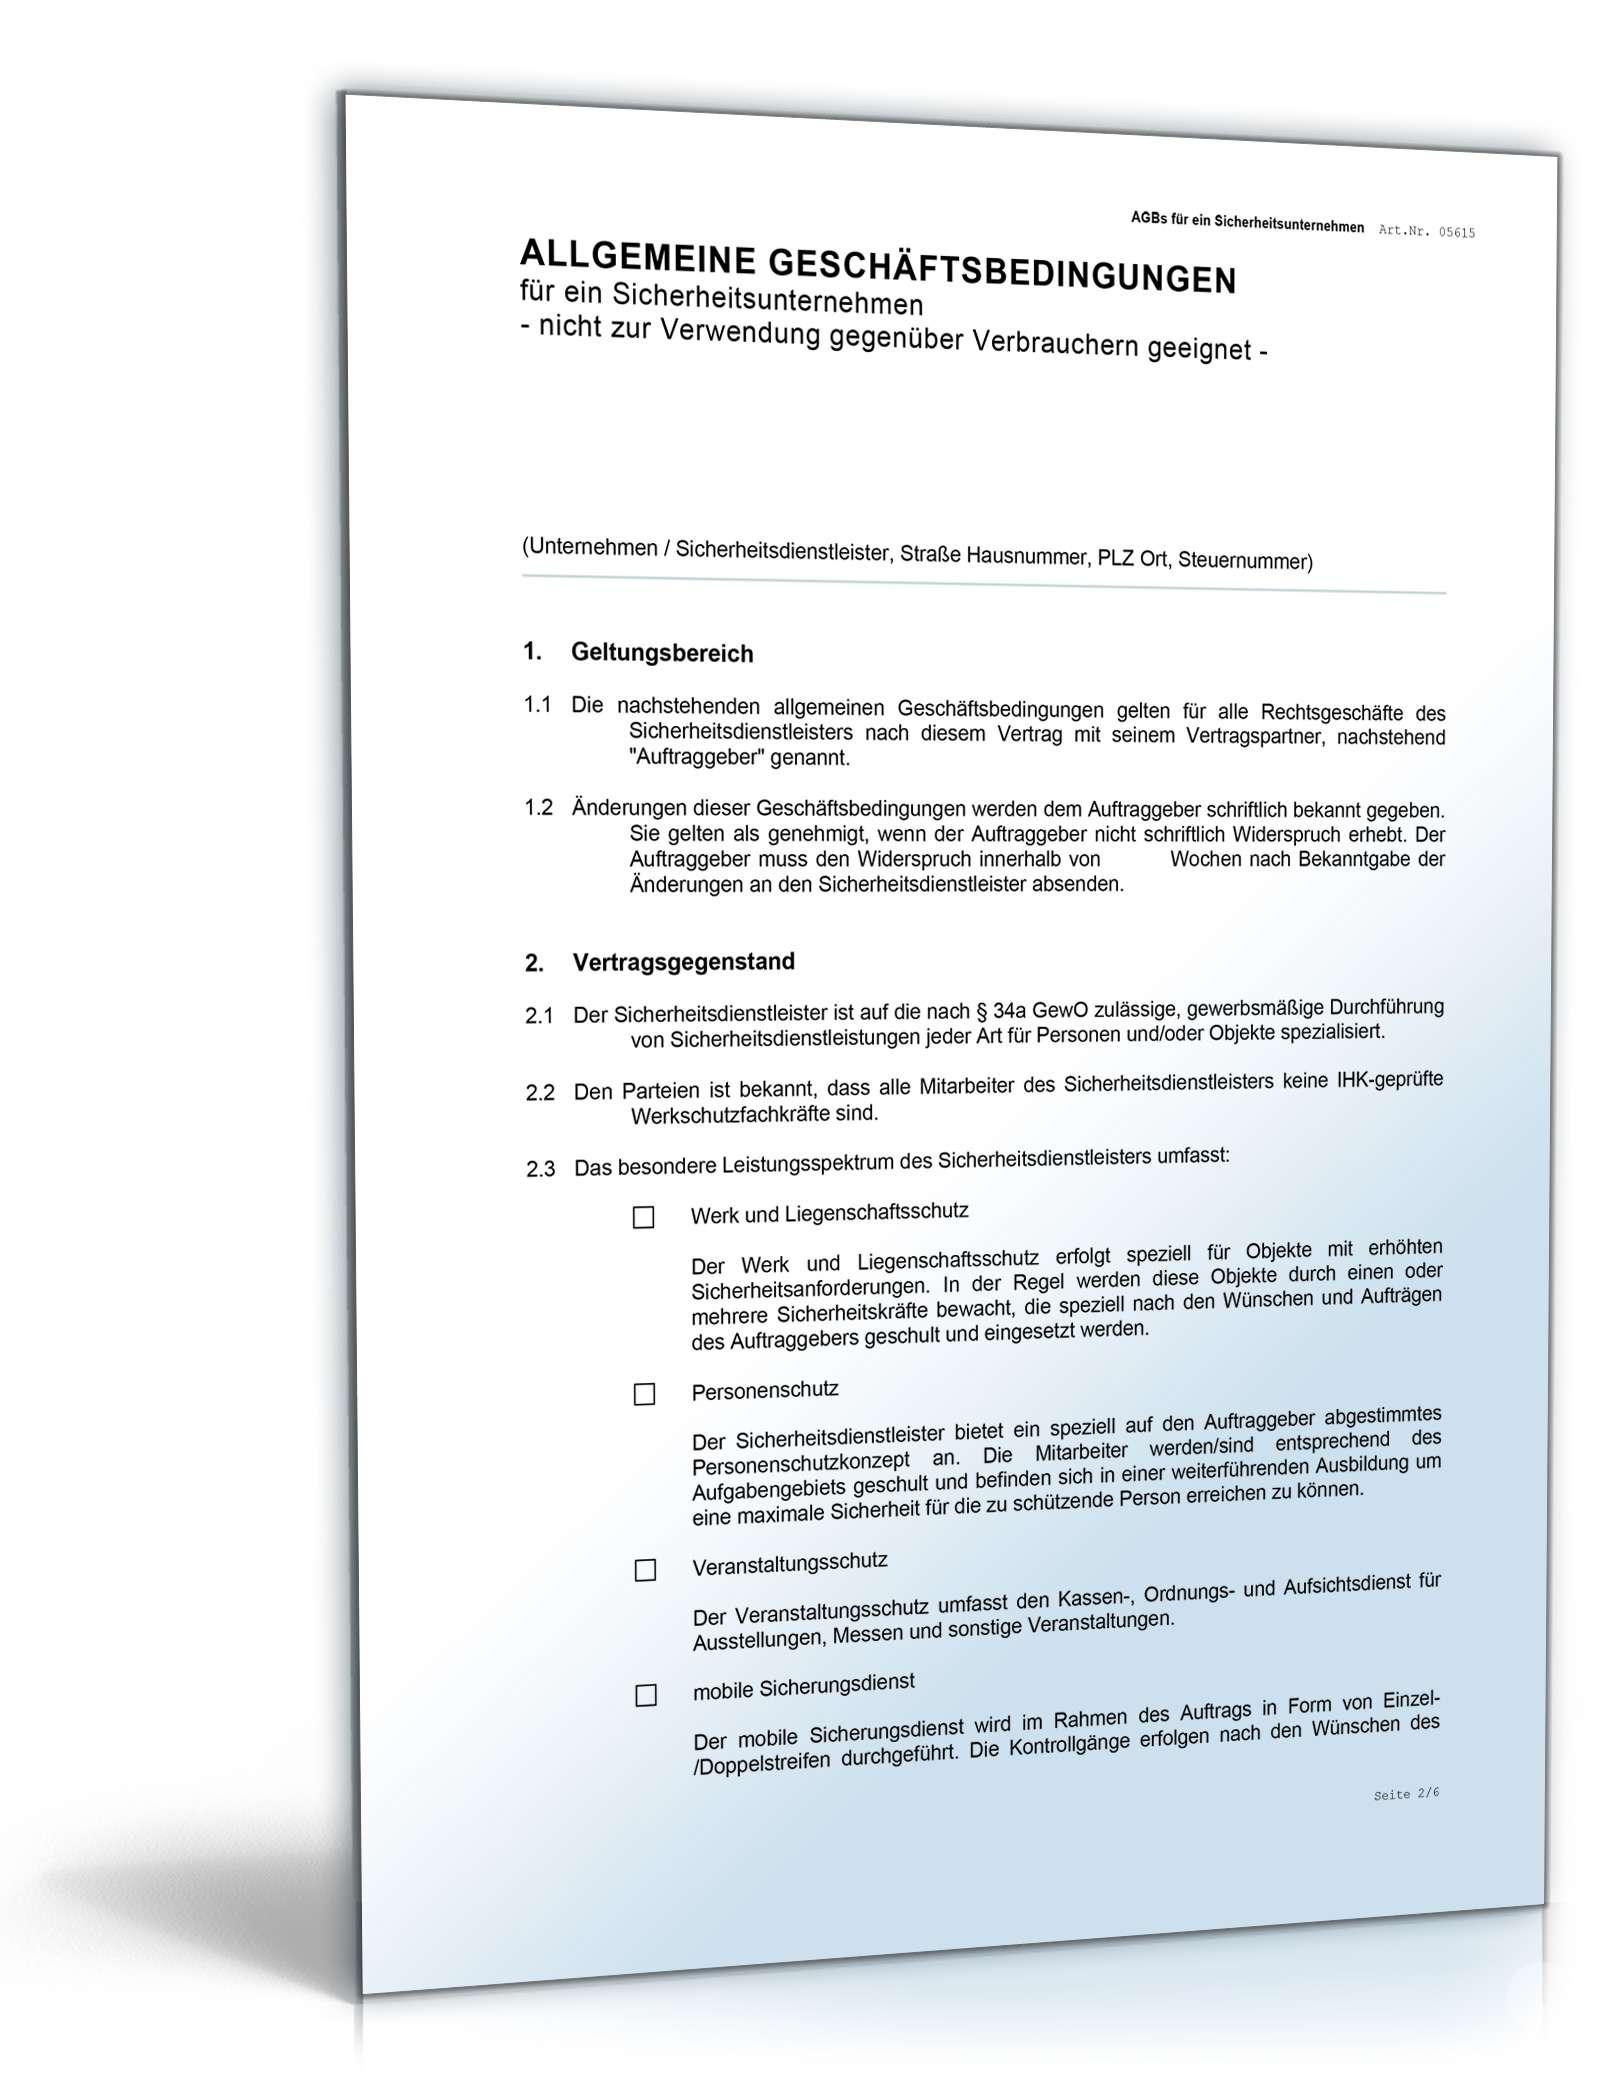 agb sicherheitsunternehmen - Allgemeine Geschaftsbedingungen Muster